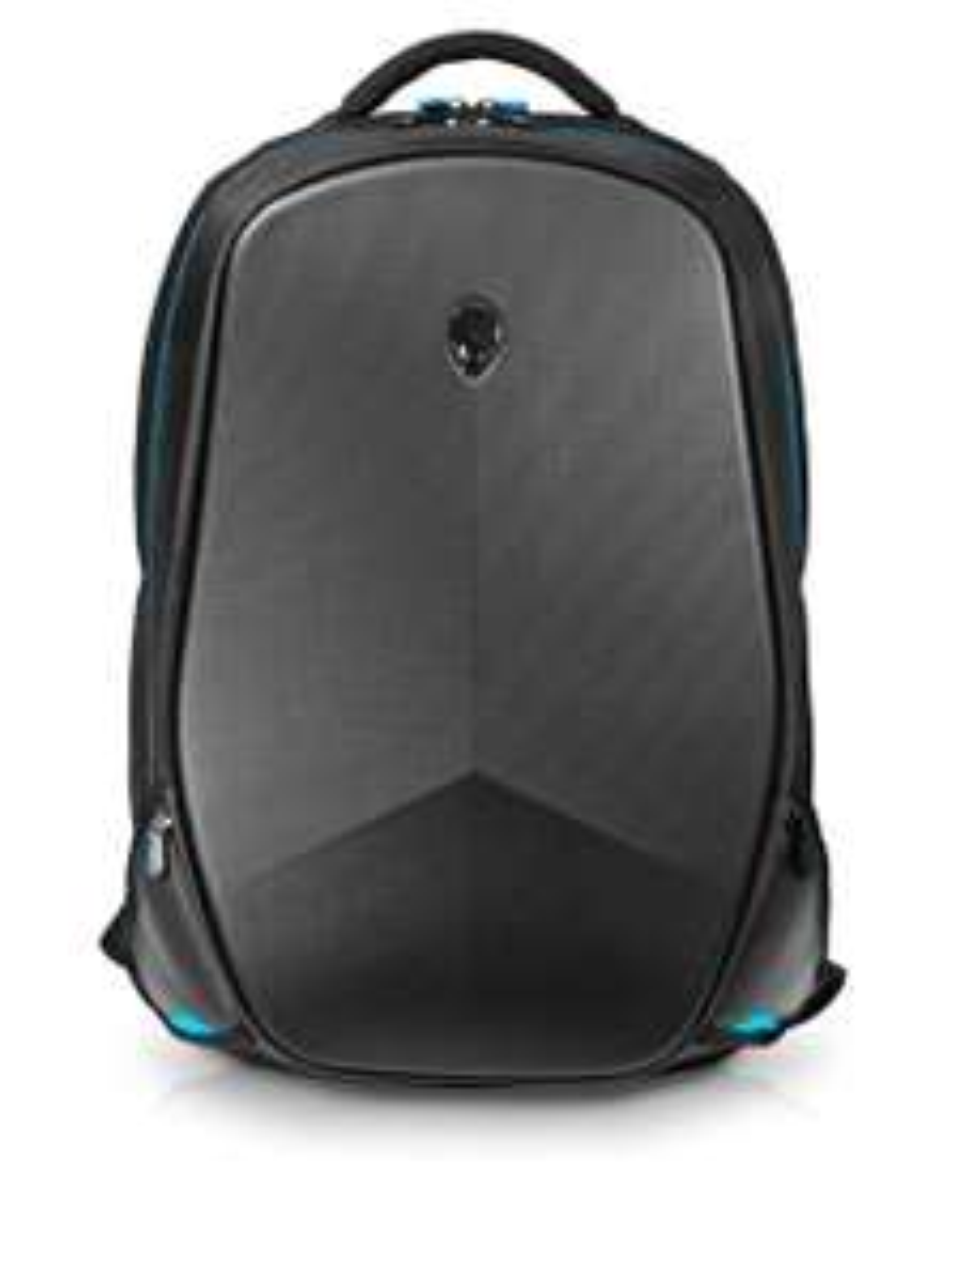 """Notebook-Rucksack Alienware 15 Vindicator Backpack V2.0 (bis 15"""", Netzteil- und Tablet-Fach, einstellbarer Schulter-/Brustgurt, wetterfest)"""